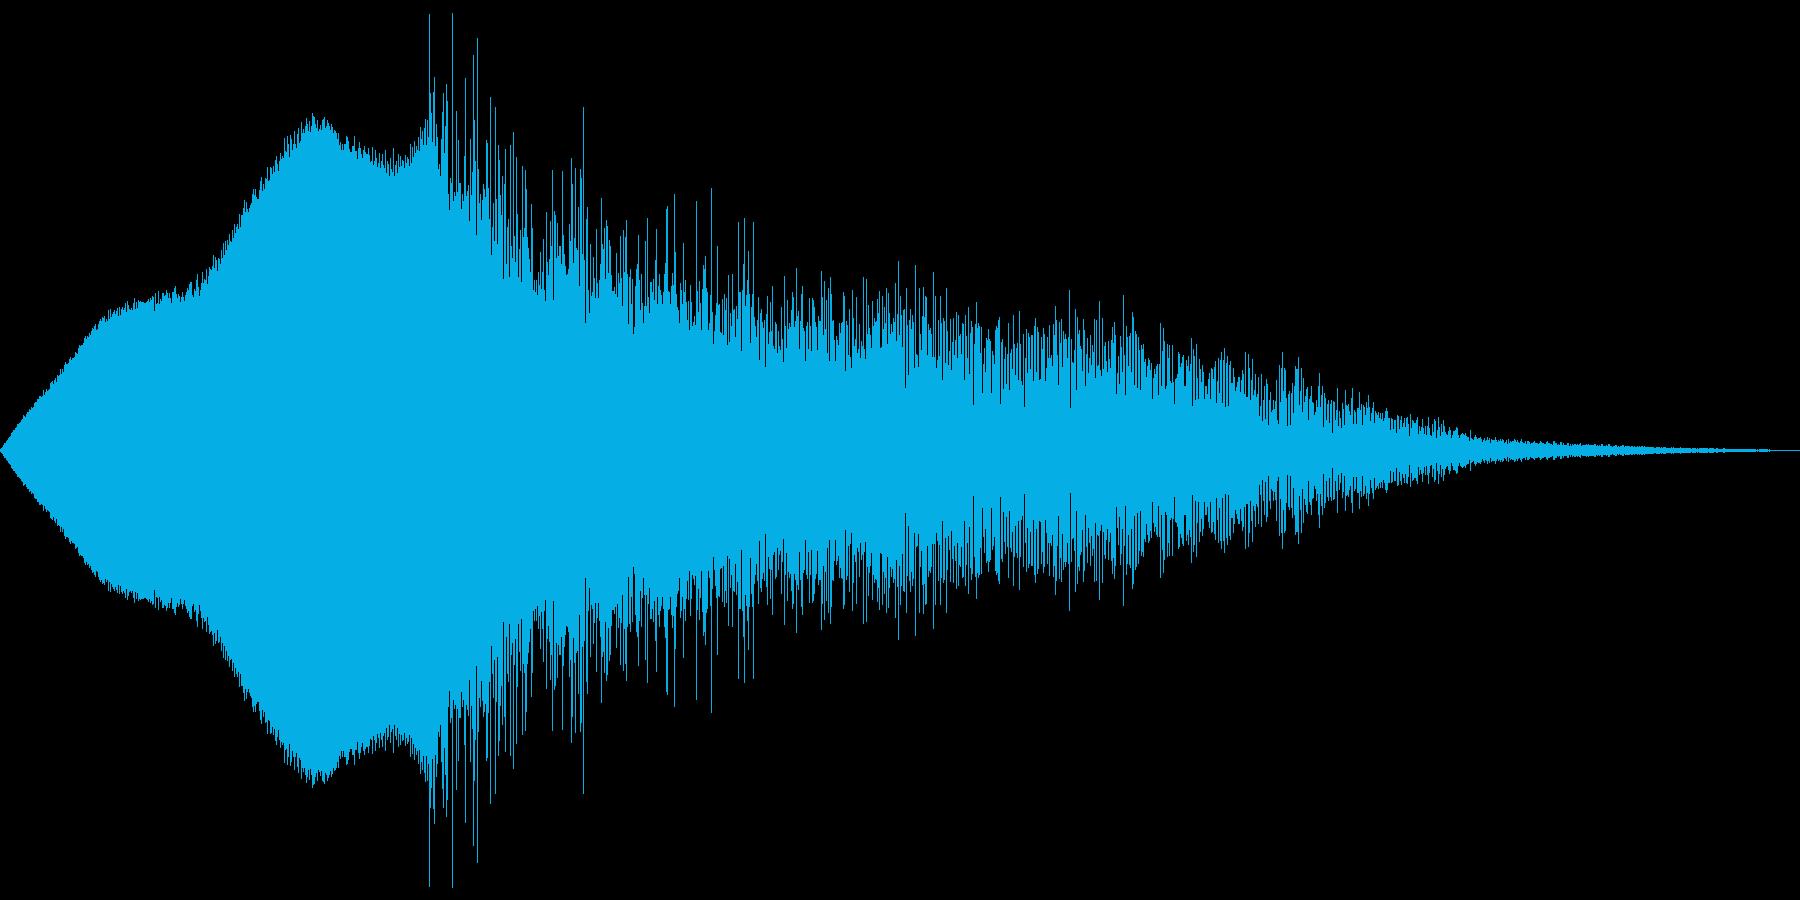 ウィィィンピシャーンの再生済みの波形